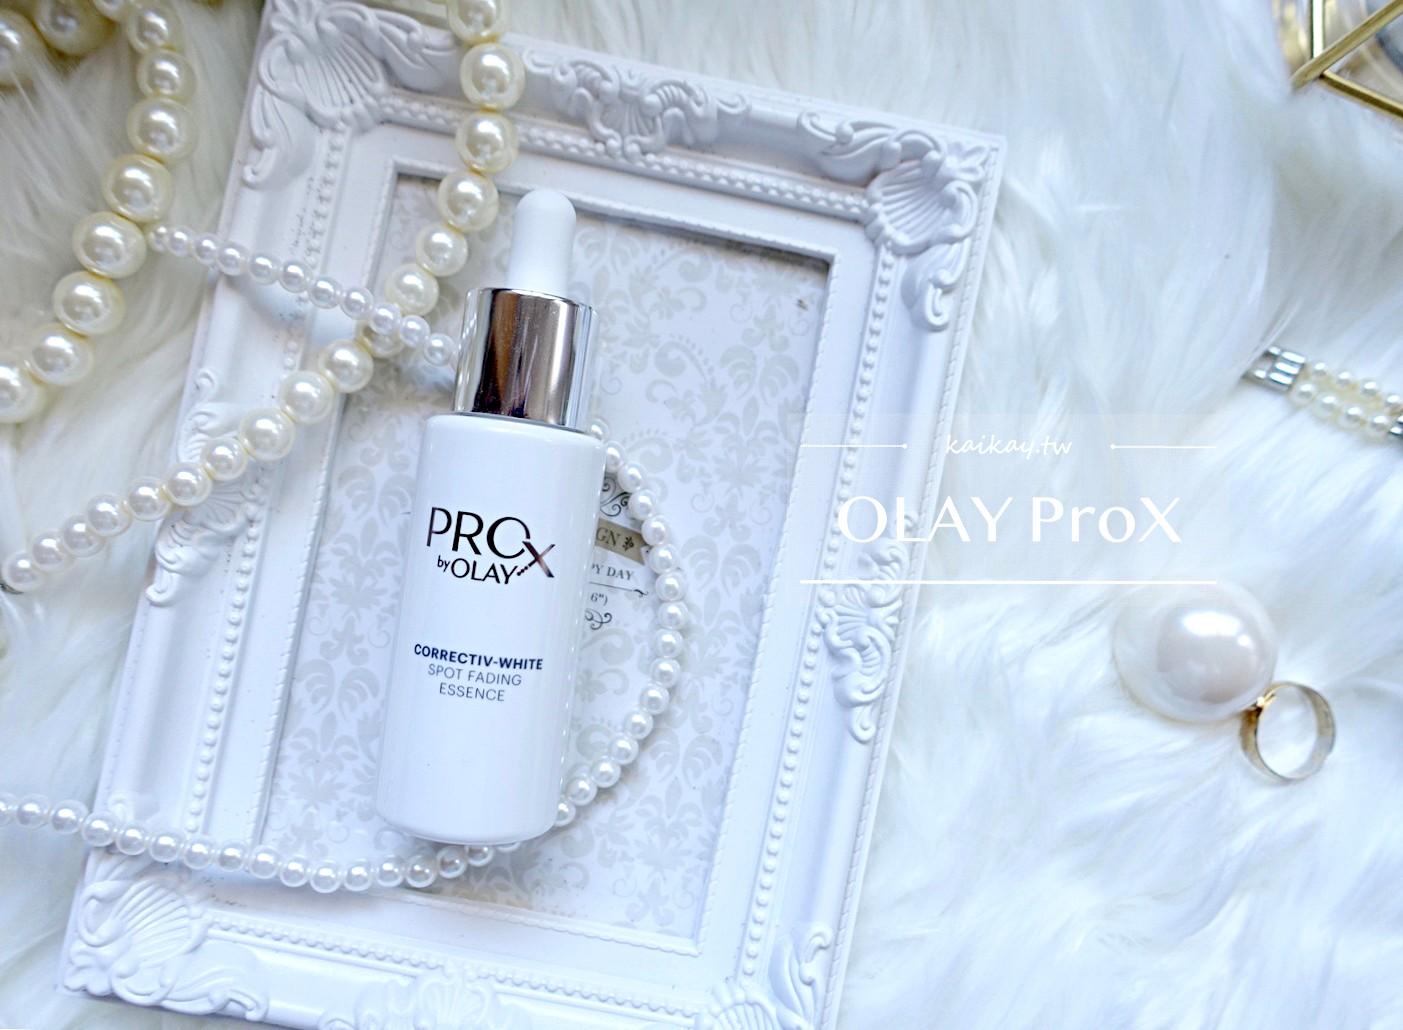 ☆【保養】ProX最新X 精華-淨白肌精華。14日淨白肌膚實測大公開! @凱的日本食尚日記